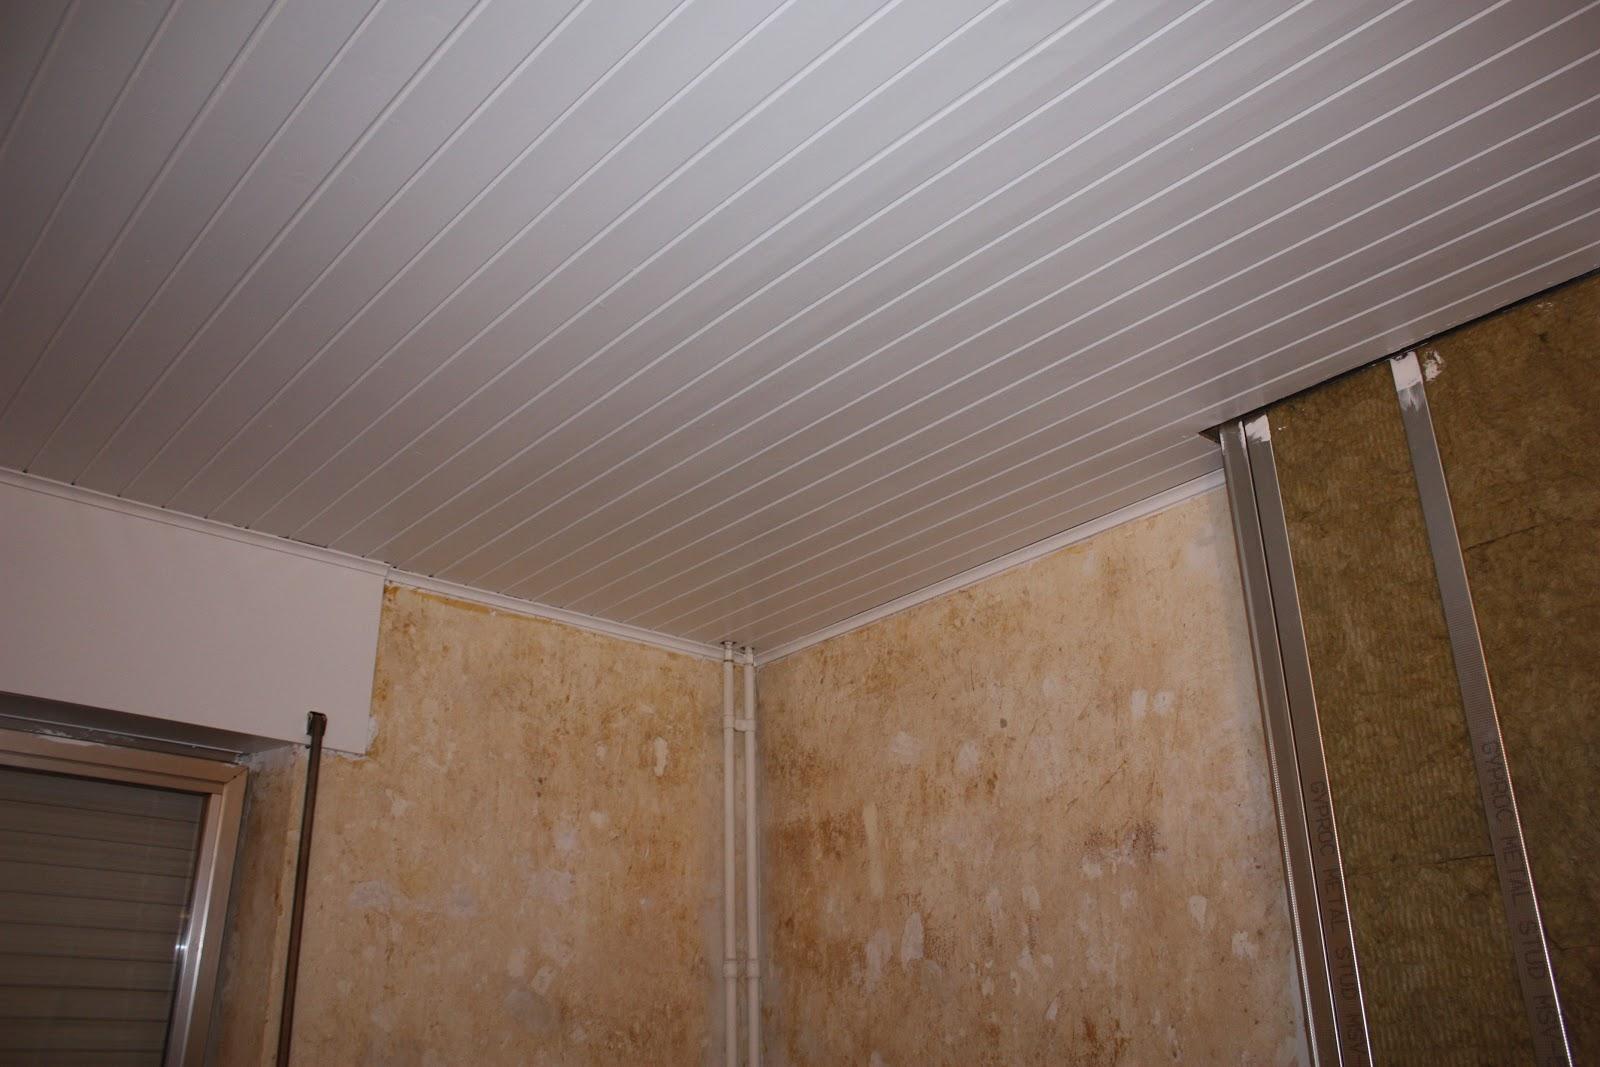 travaux dans ma maison peinture au plafond. Black Bedroom Furniture Sets. Home Design Ideas